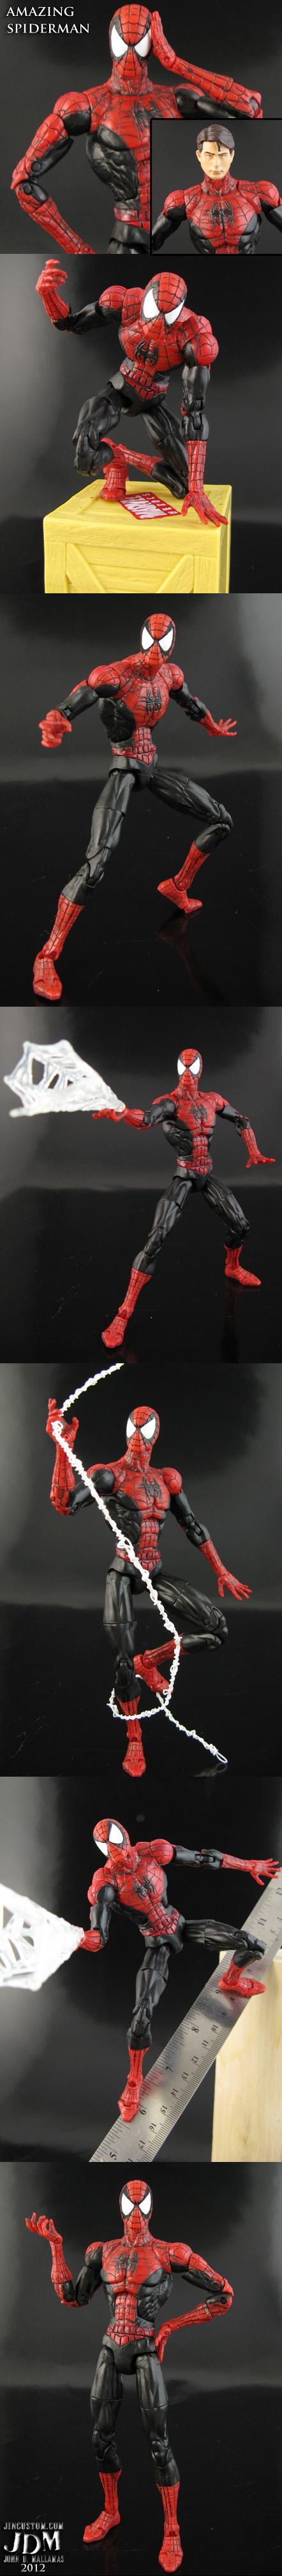 Custom Spiderman Figure